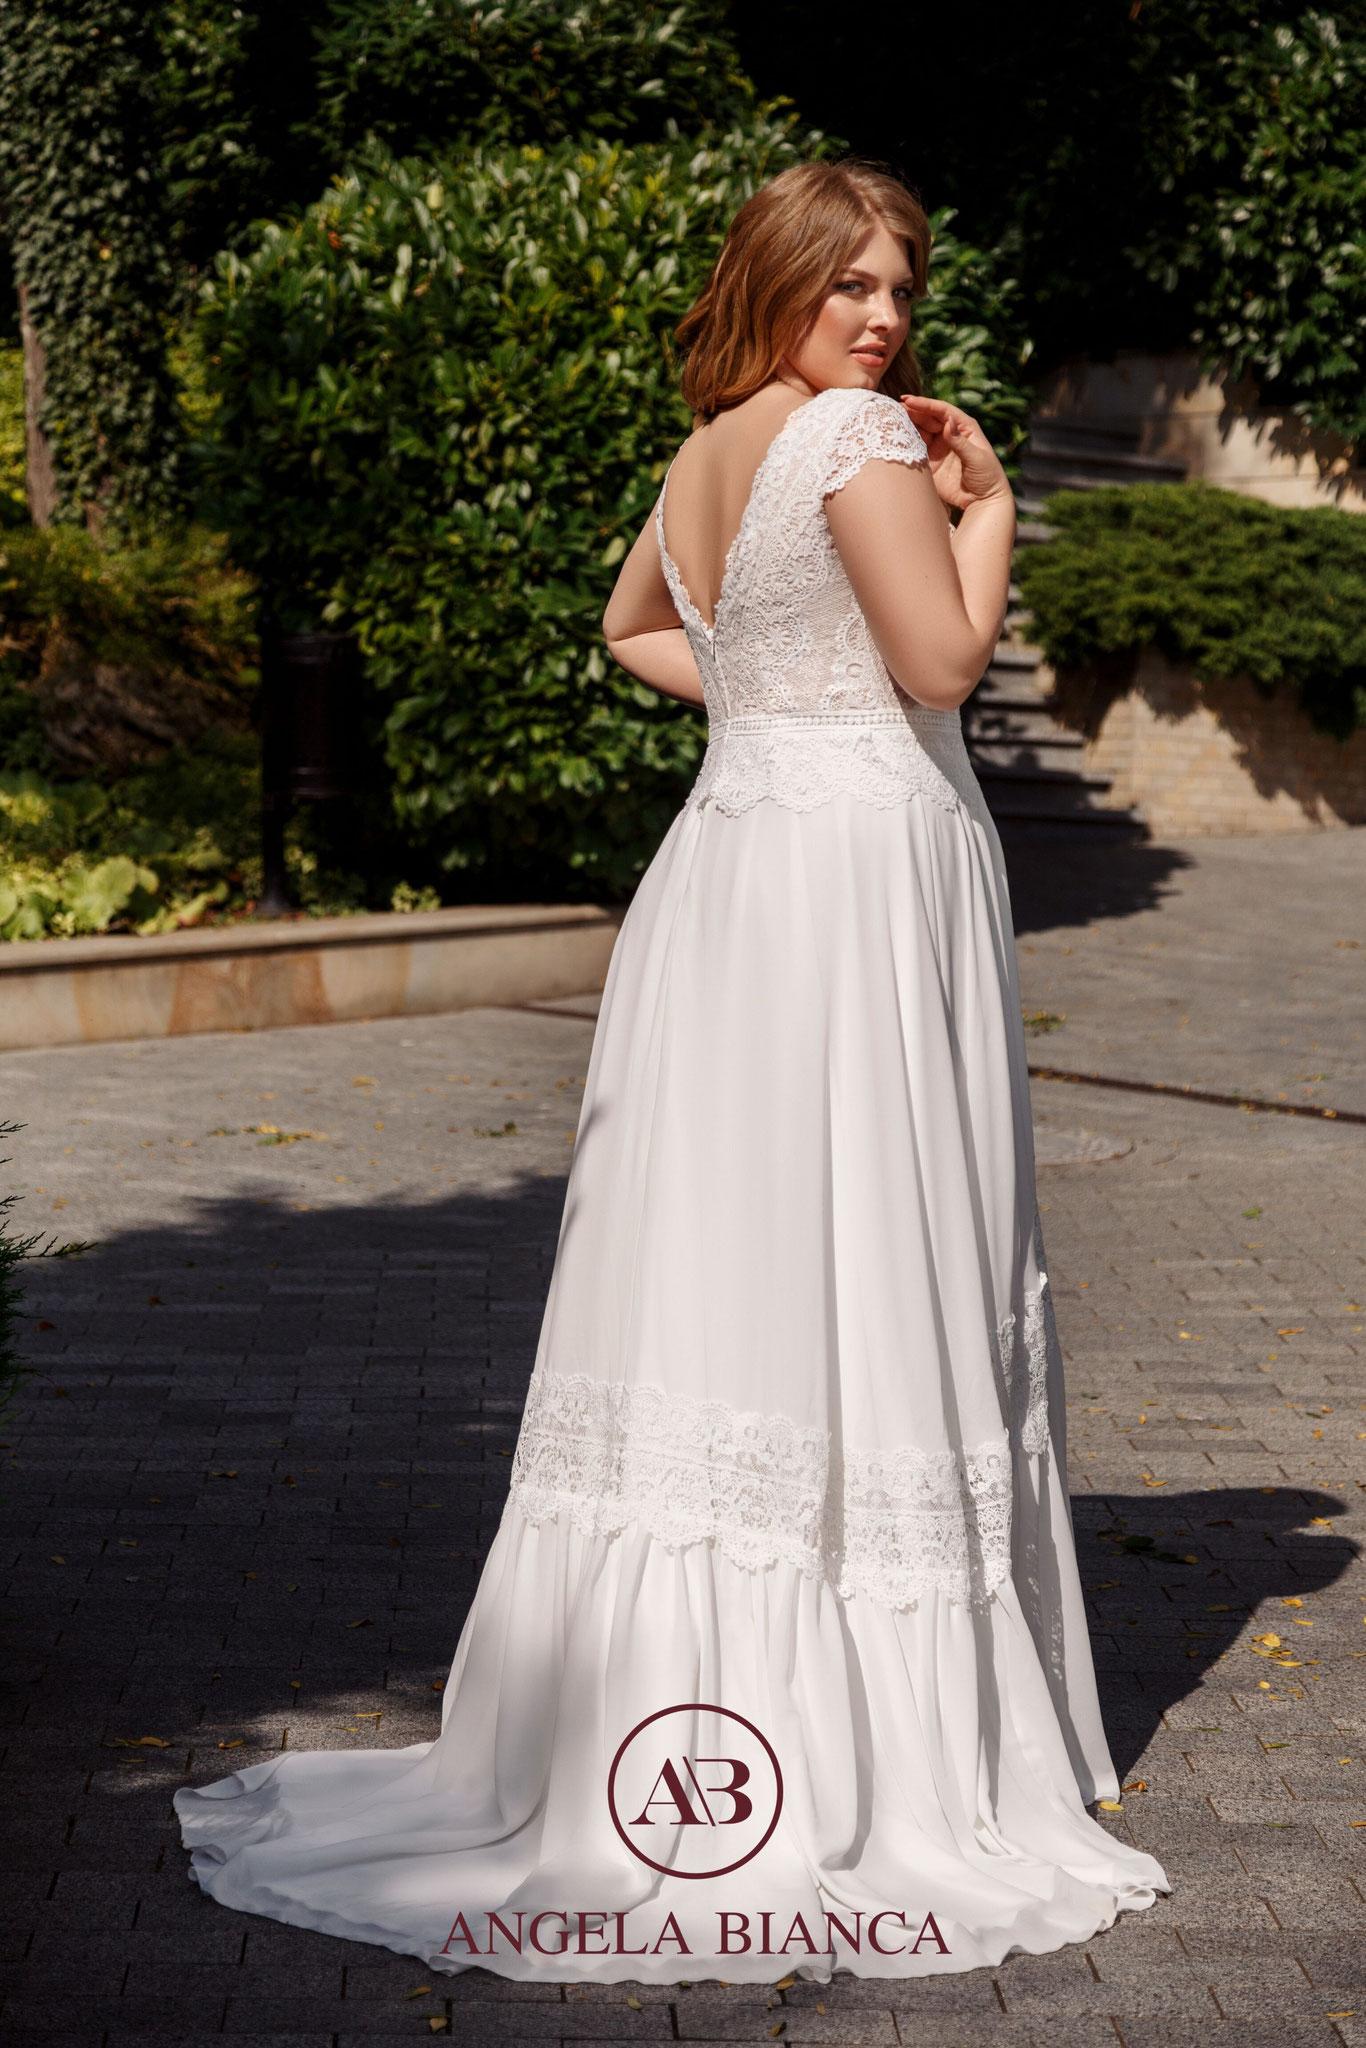 Rückenausschnitt Curvy Braut XL außergewöhnliches Brautkleid bequem Baumwolle ivory